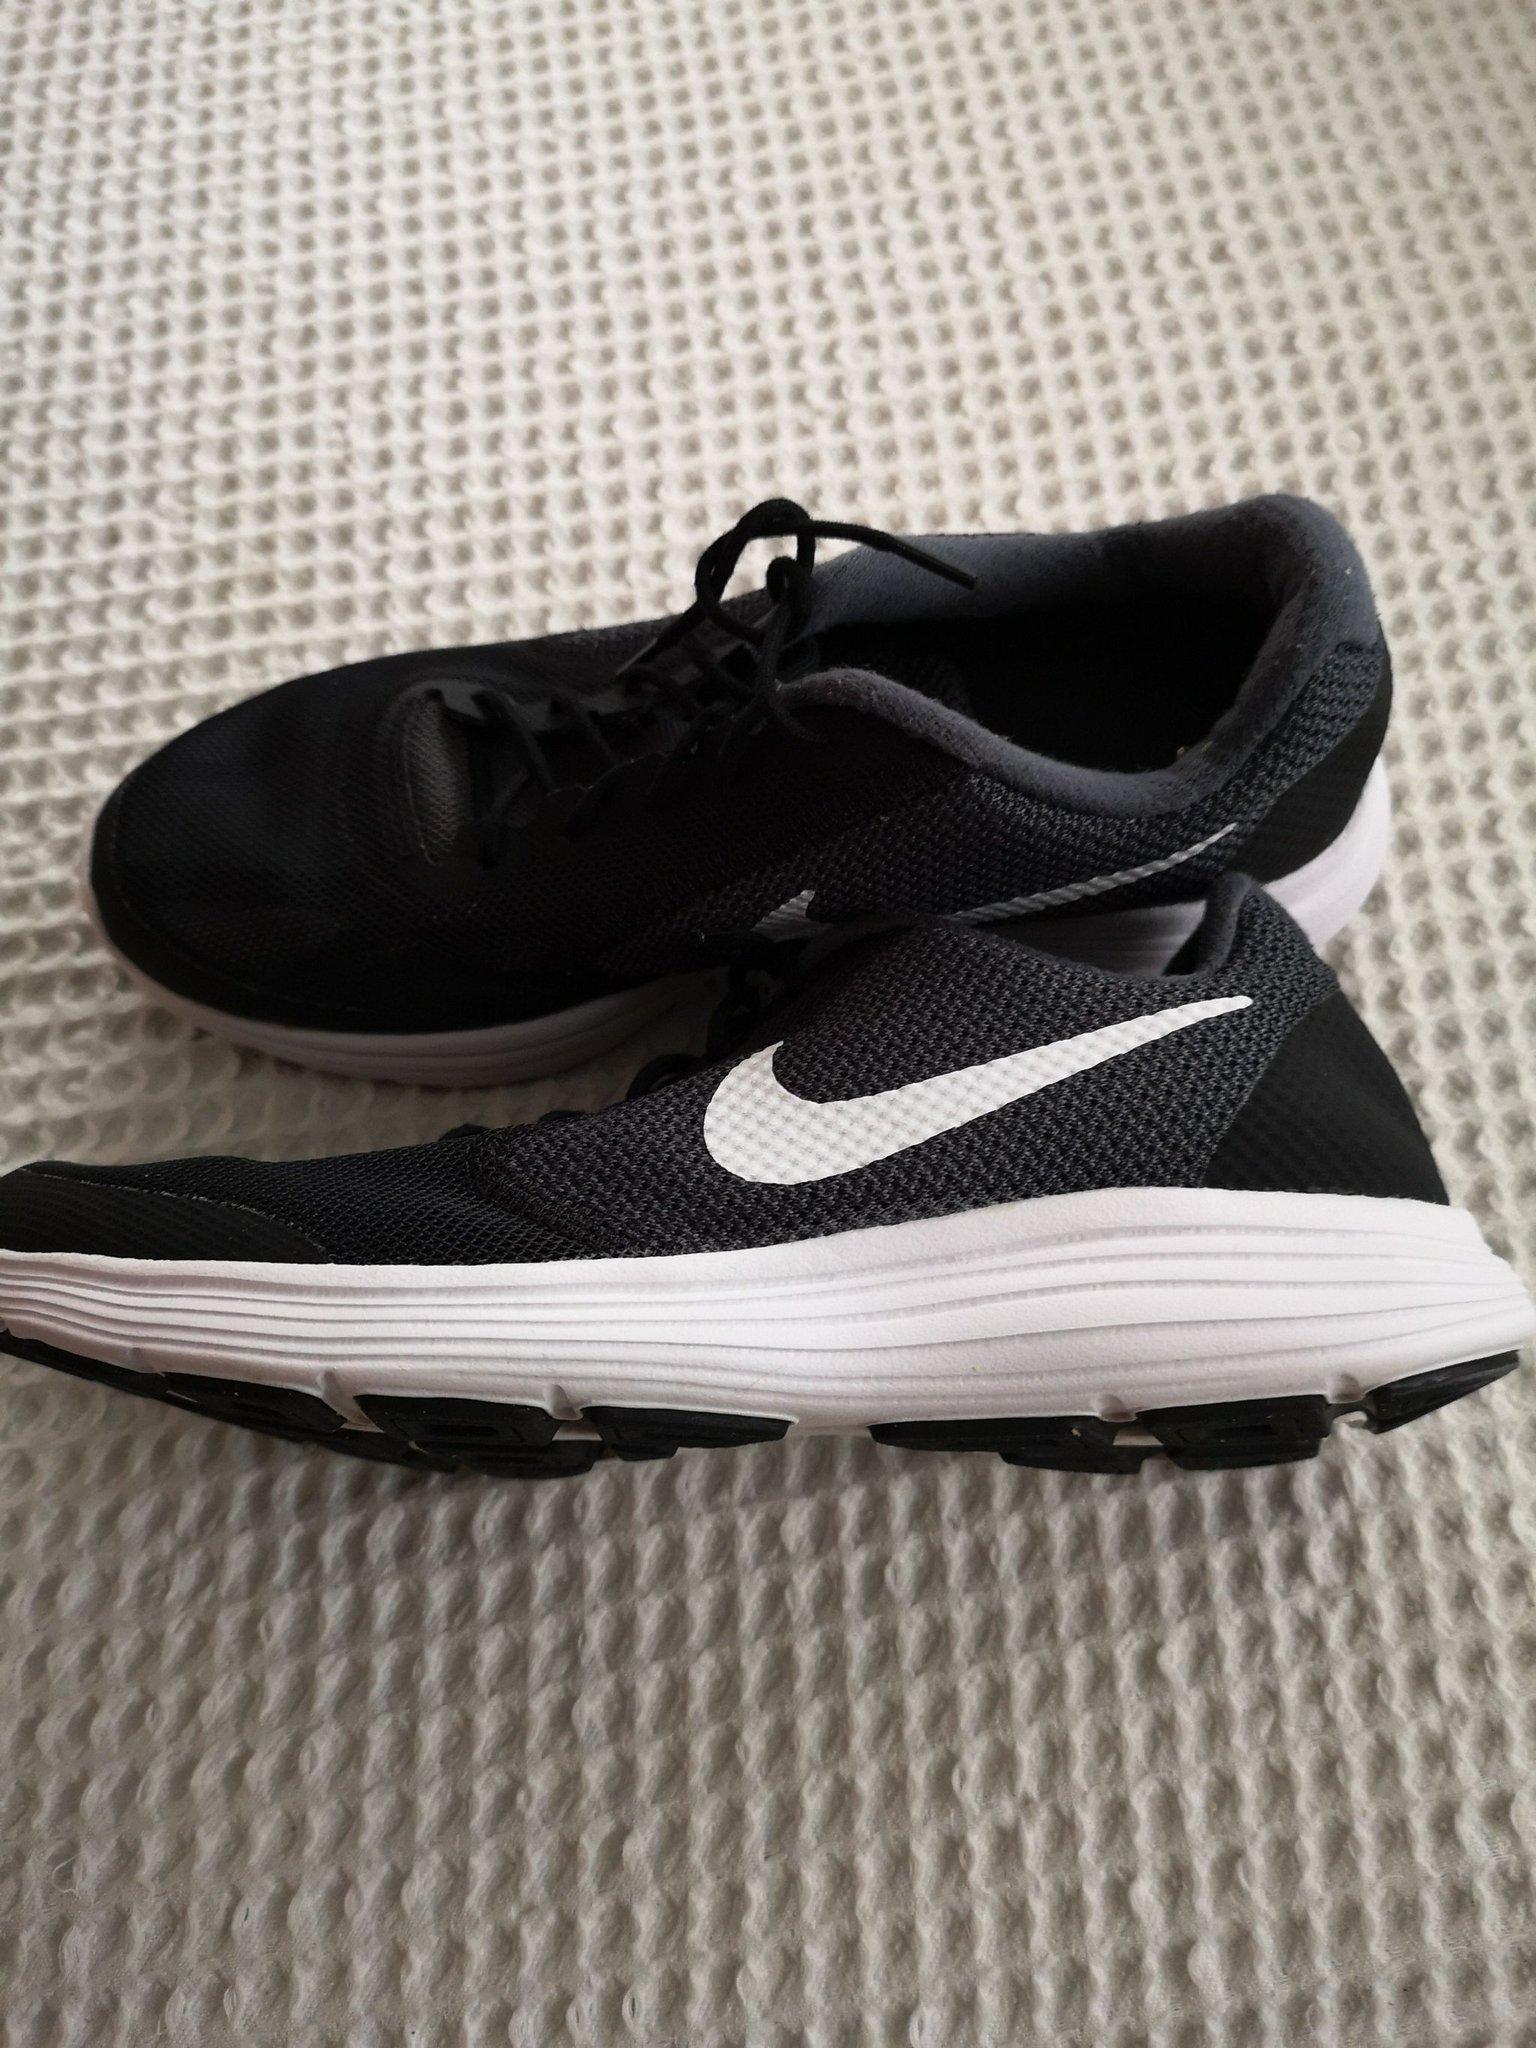 Nike skor storlek 36,5